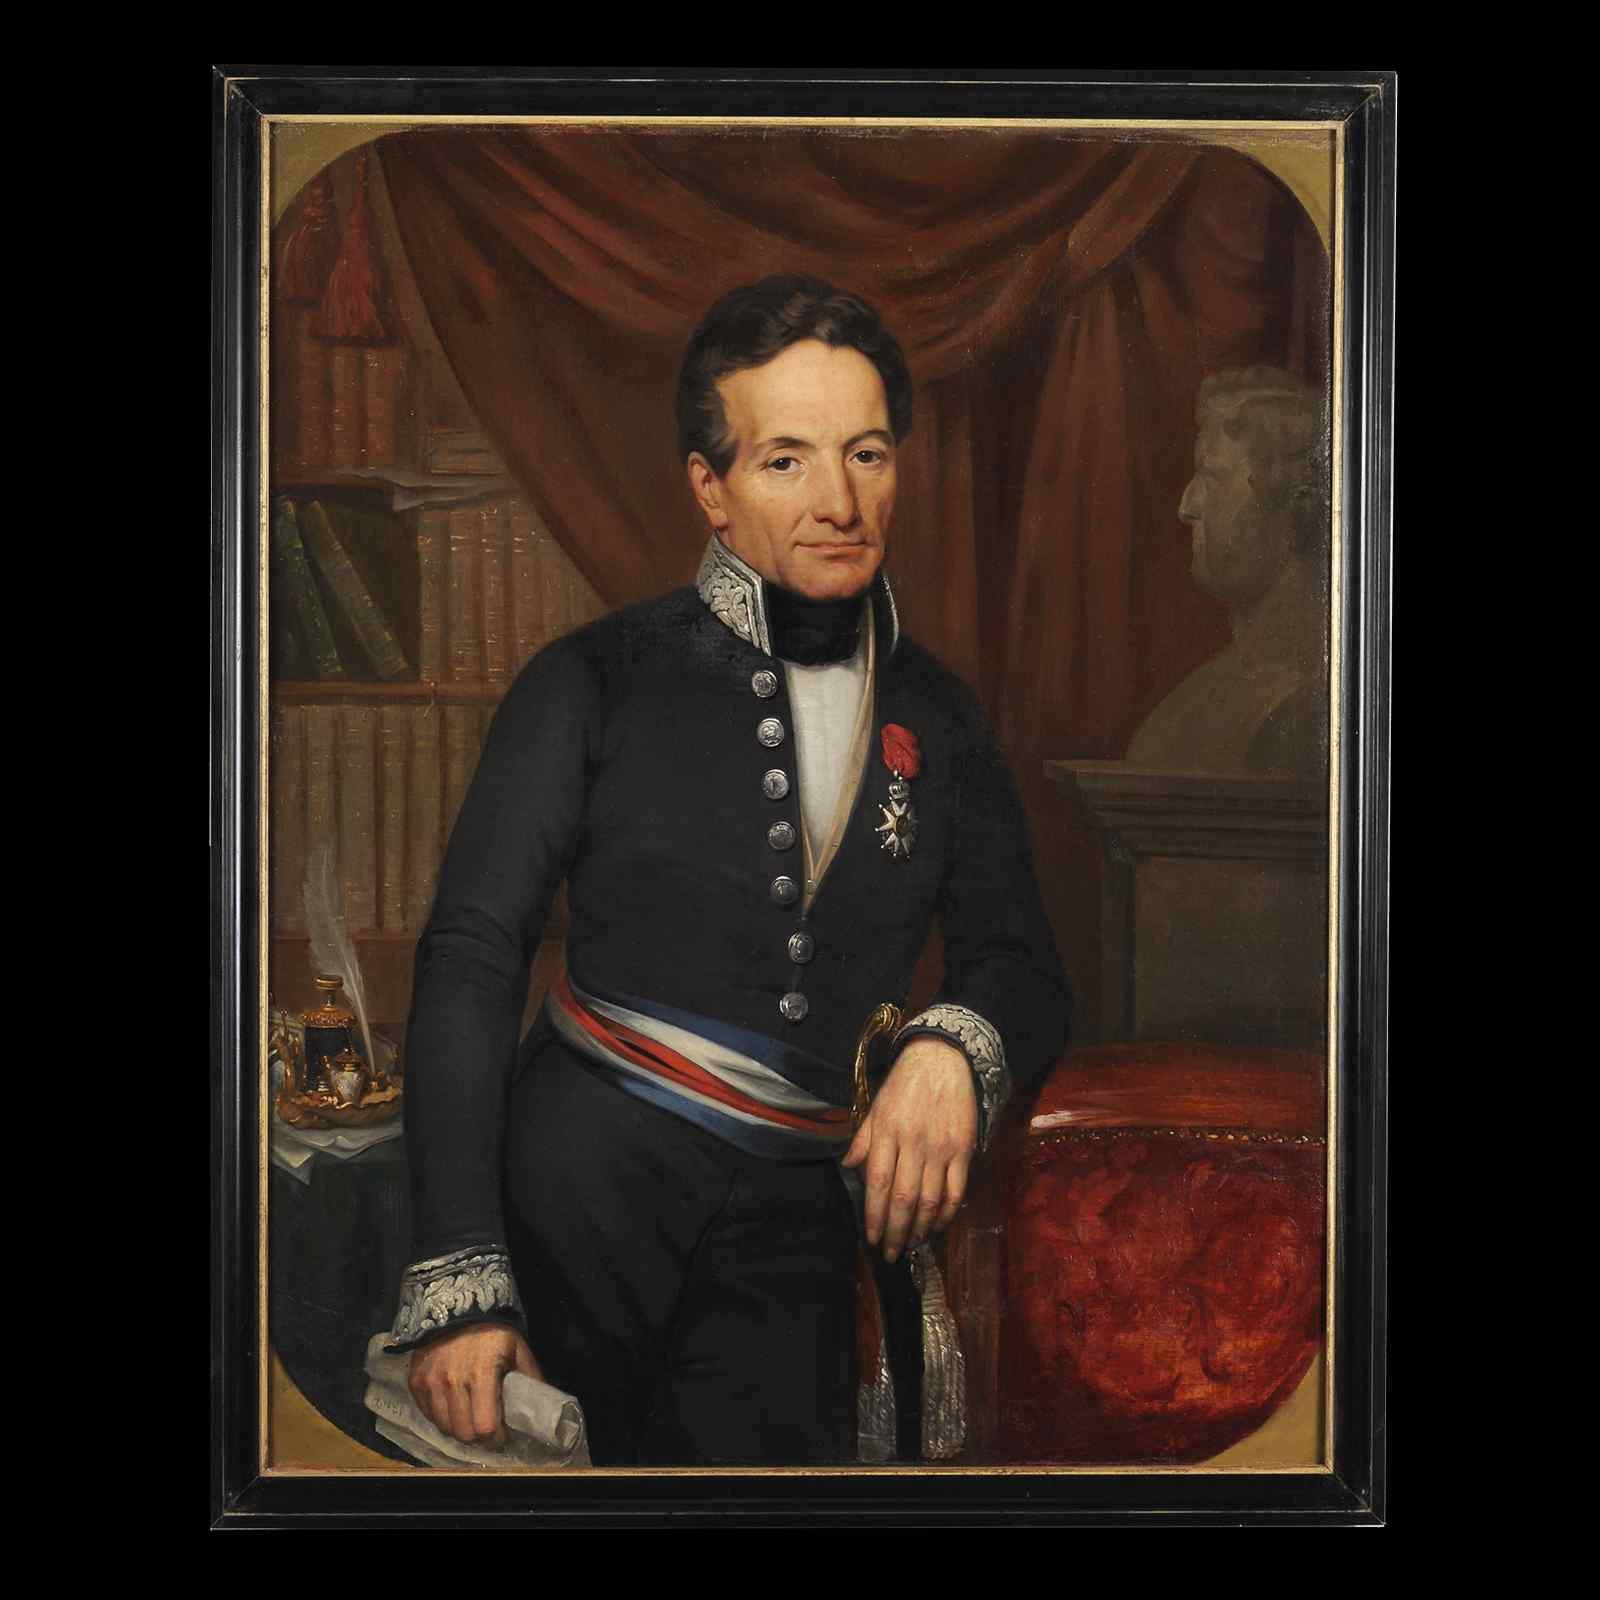 Portrait d'un Préfet français 1842 - Ecole française du XIXe